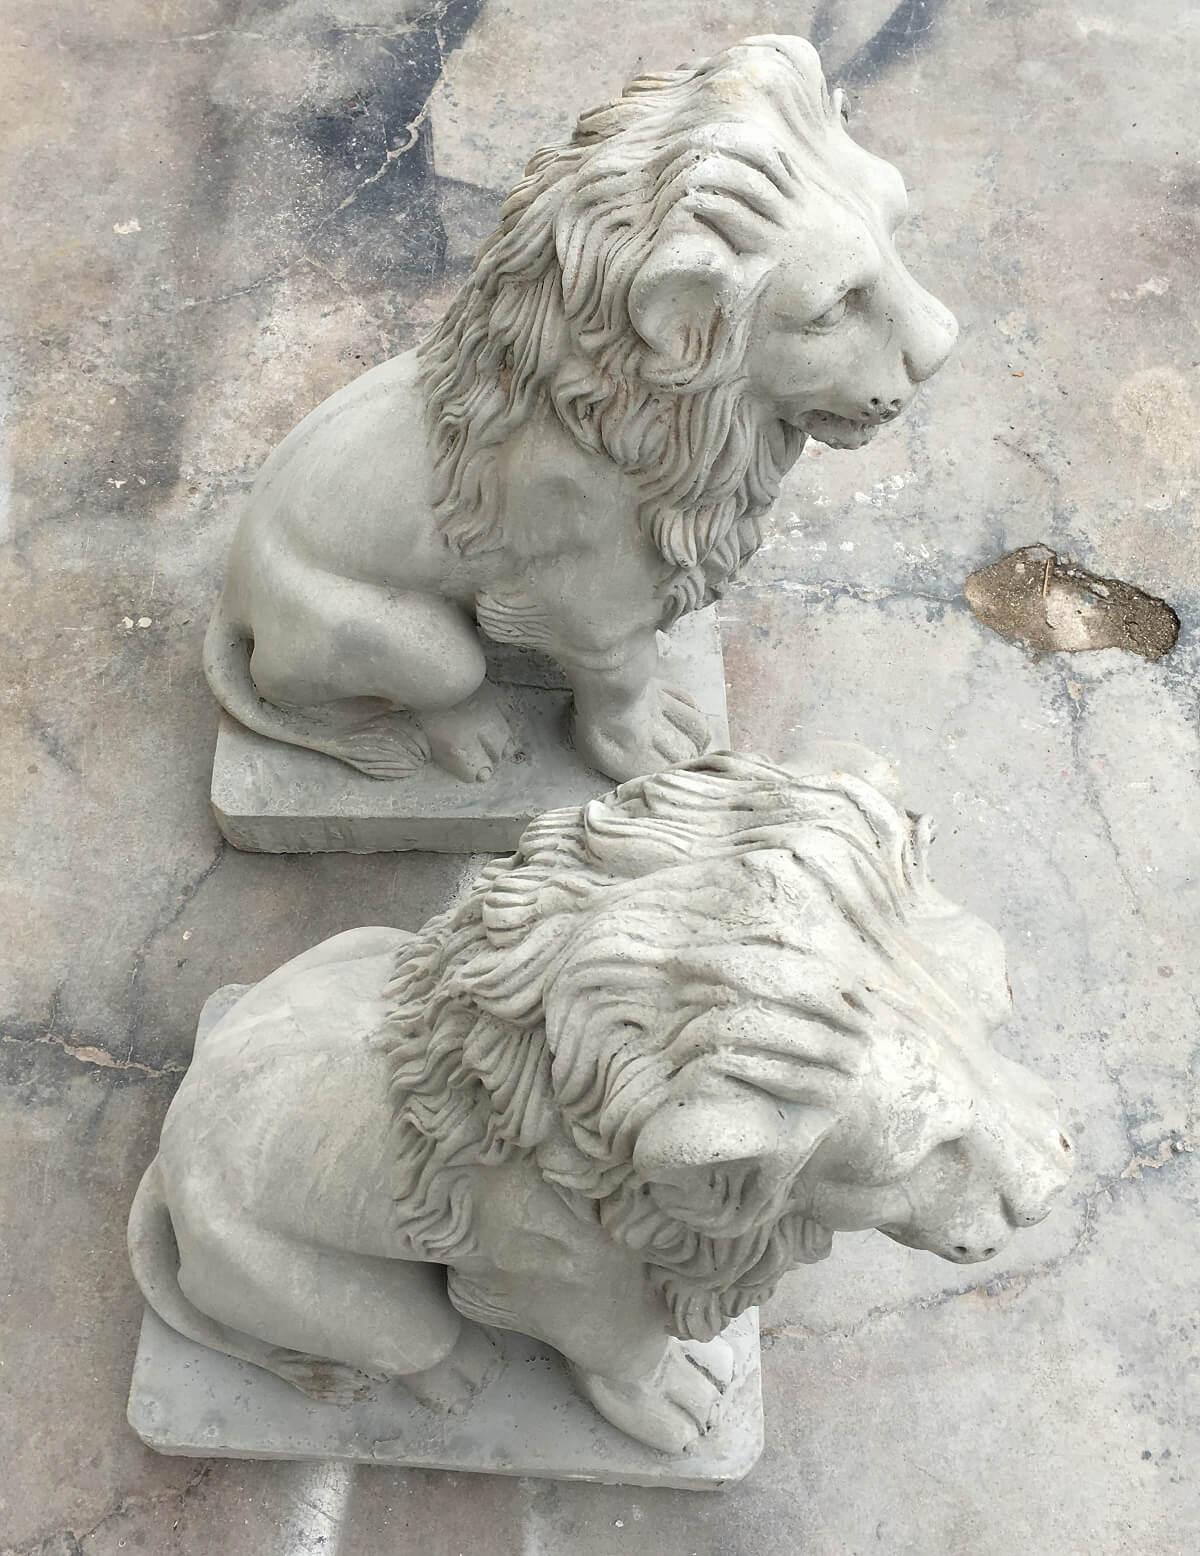 Par De Esculturas Leao Para Jardim Em Concreto